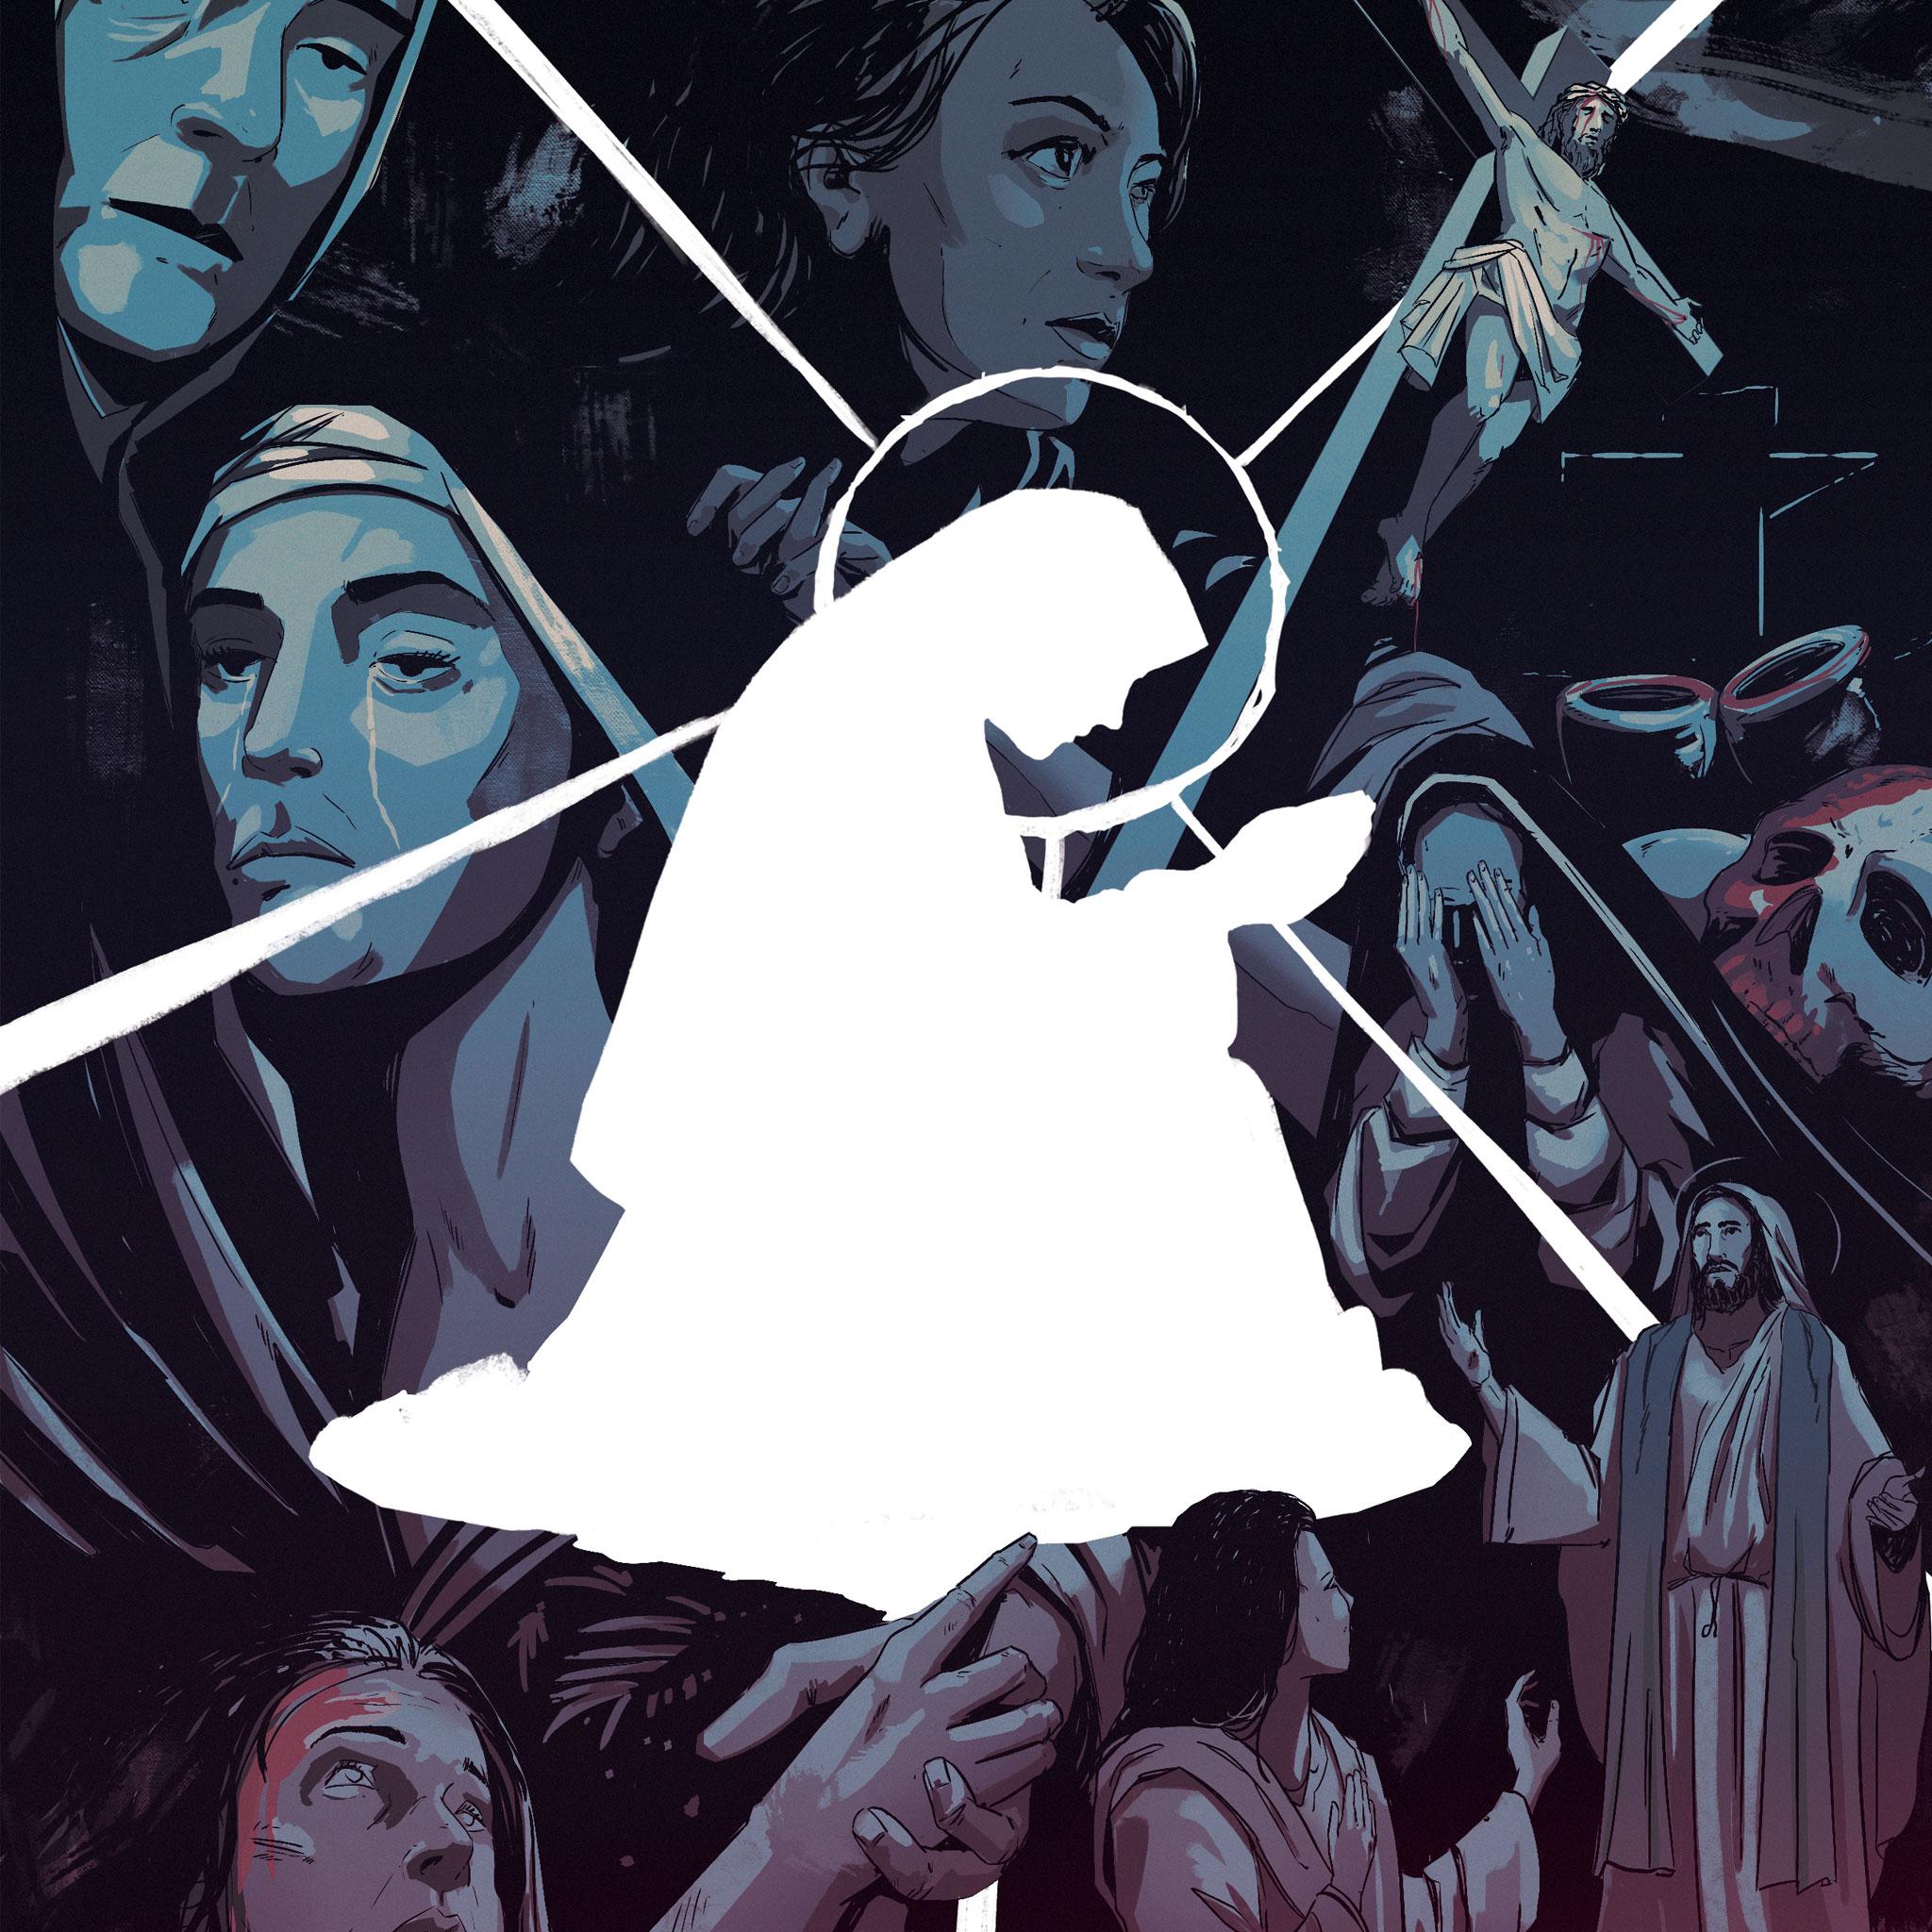 A Bíblia fala pouco sobre Maria Madalena. E não diz nada que justifique sua reputação – nem como promíscua, nem como penitente.